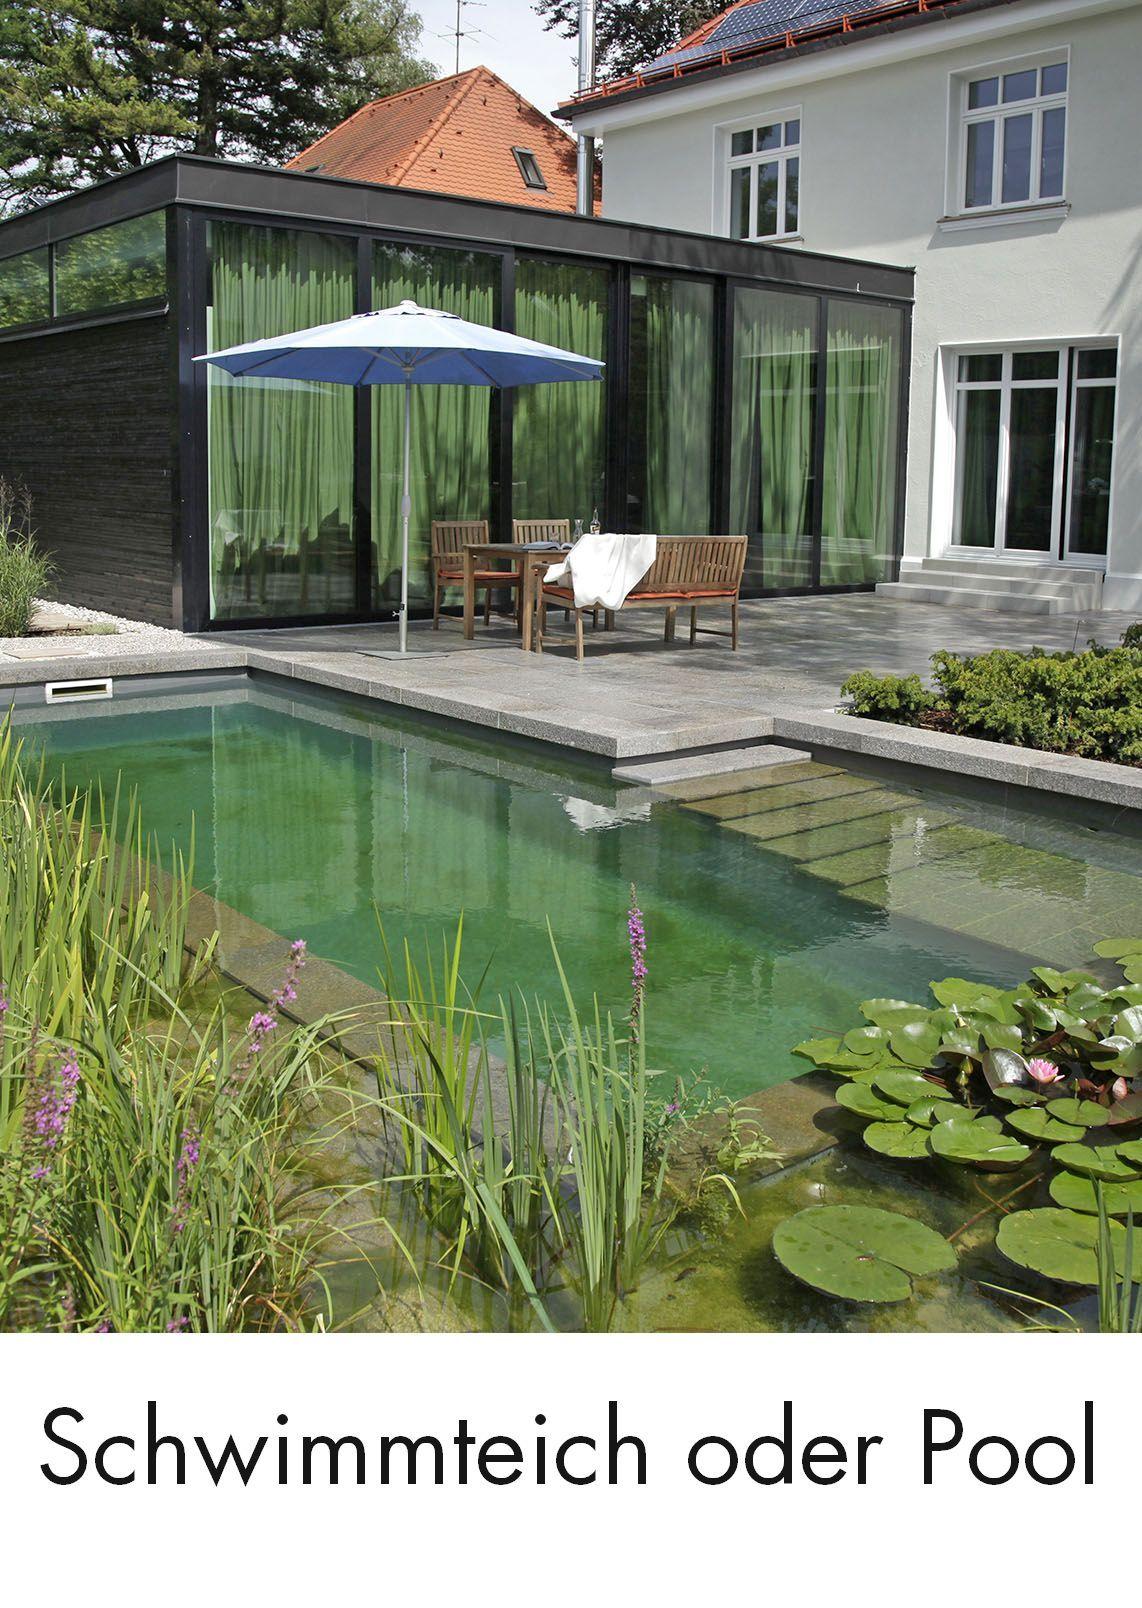 Schwimmteich oder Pool: 5 Kriterien für Ihre Entscheidung #poolimgartenideen